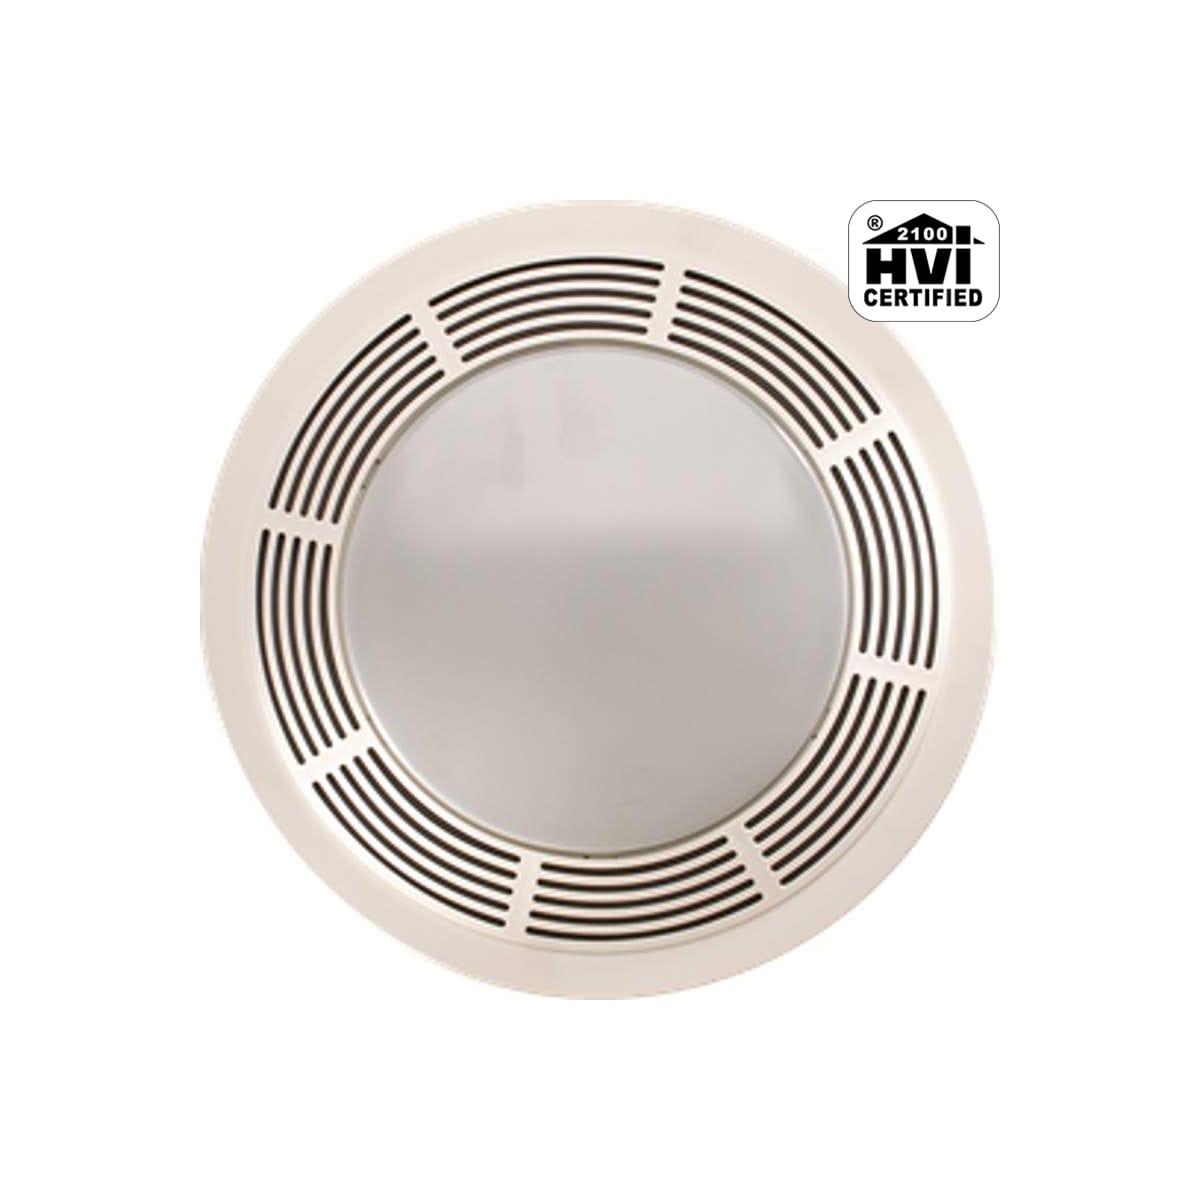 Broan 751 100 Cfm Bath Fan Light Combo, Bathroom Light And Fan Combo